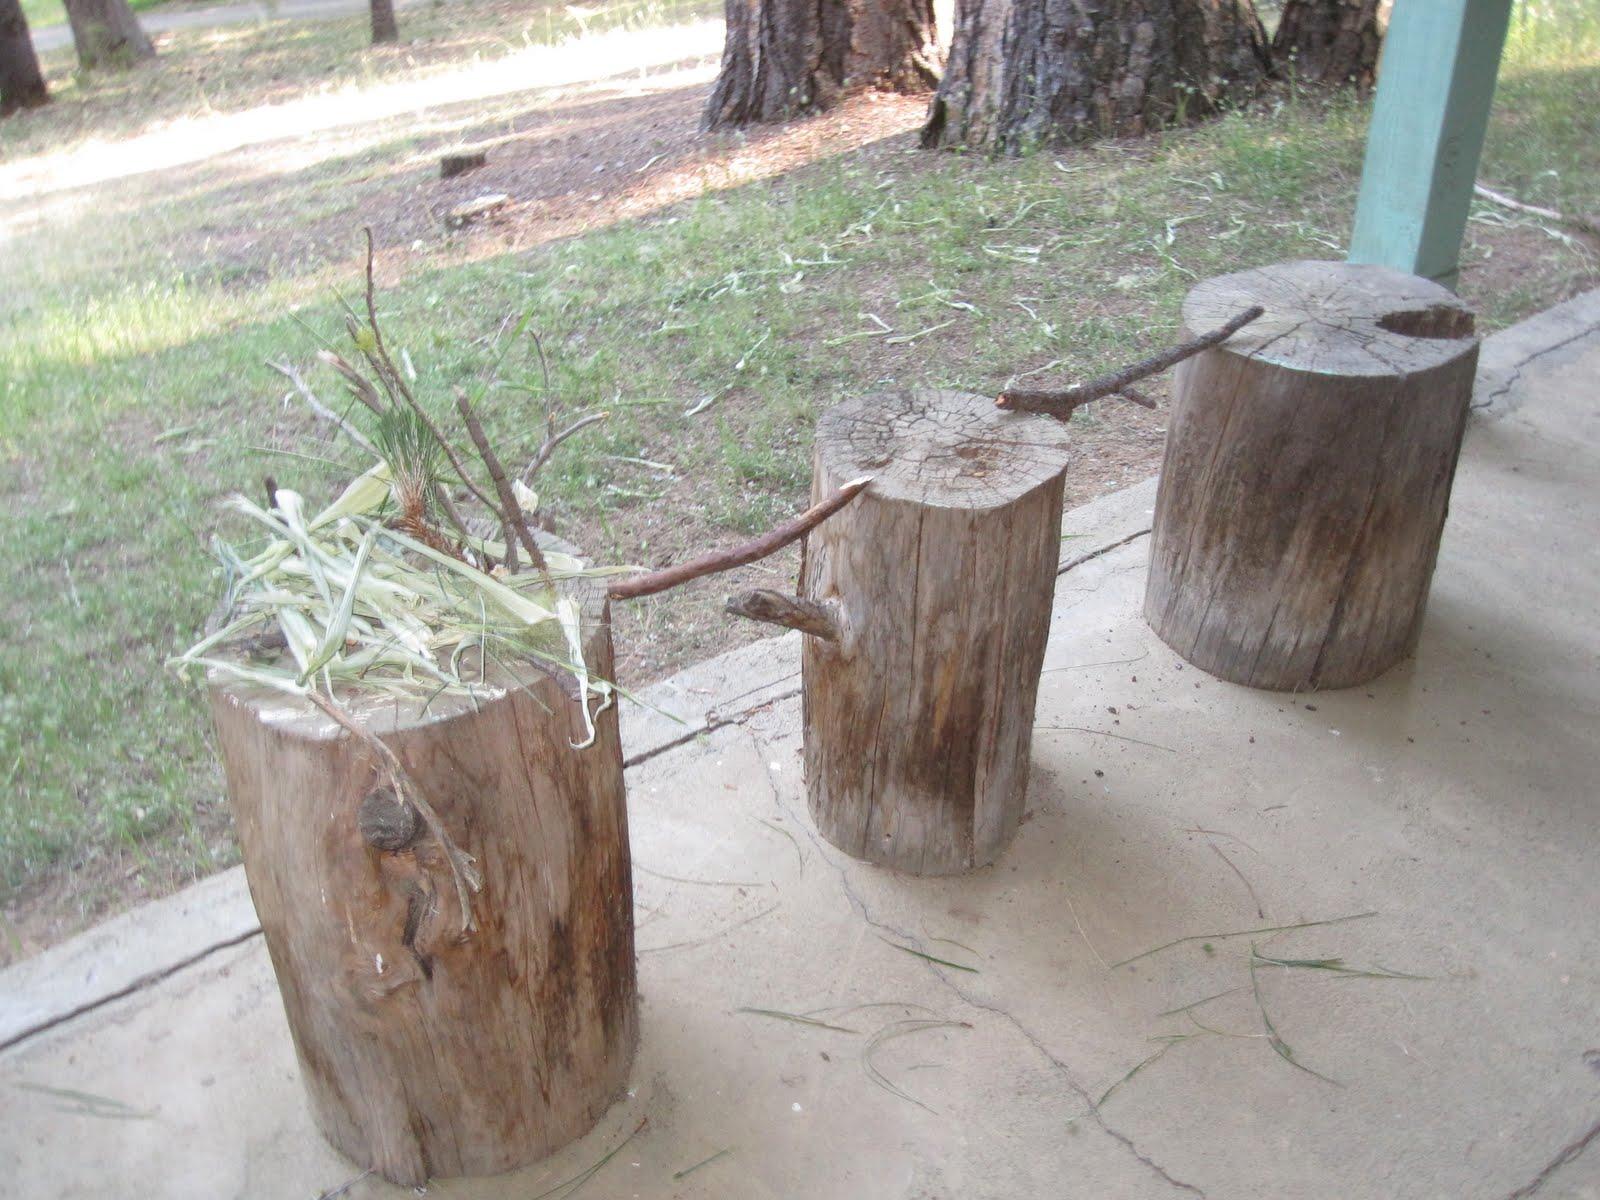 Tree stump fairy house - Fun Friday Build A Fairy House